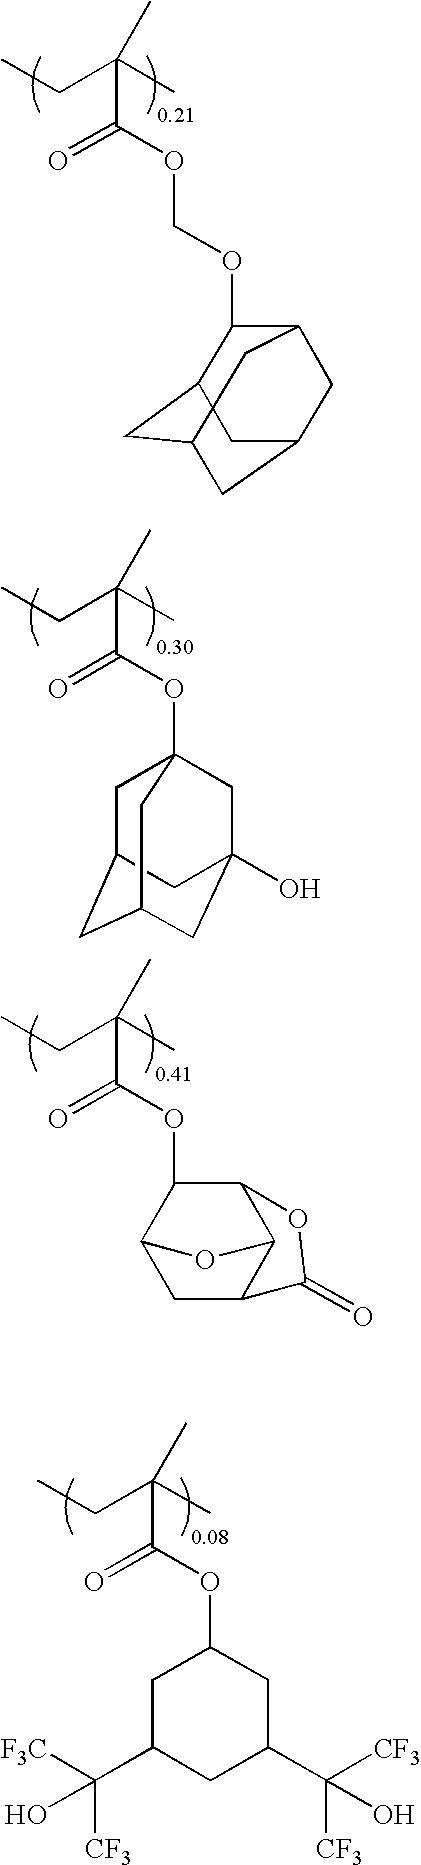 Figure US07368218-20080506-C00065